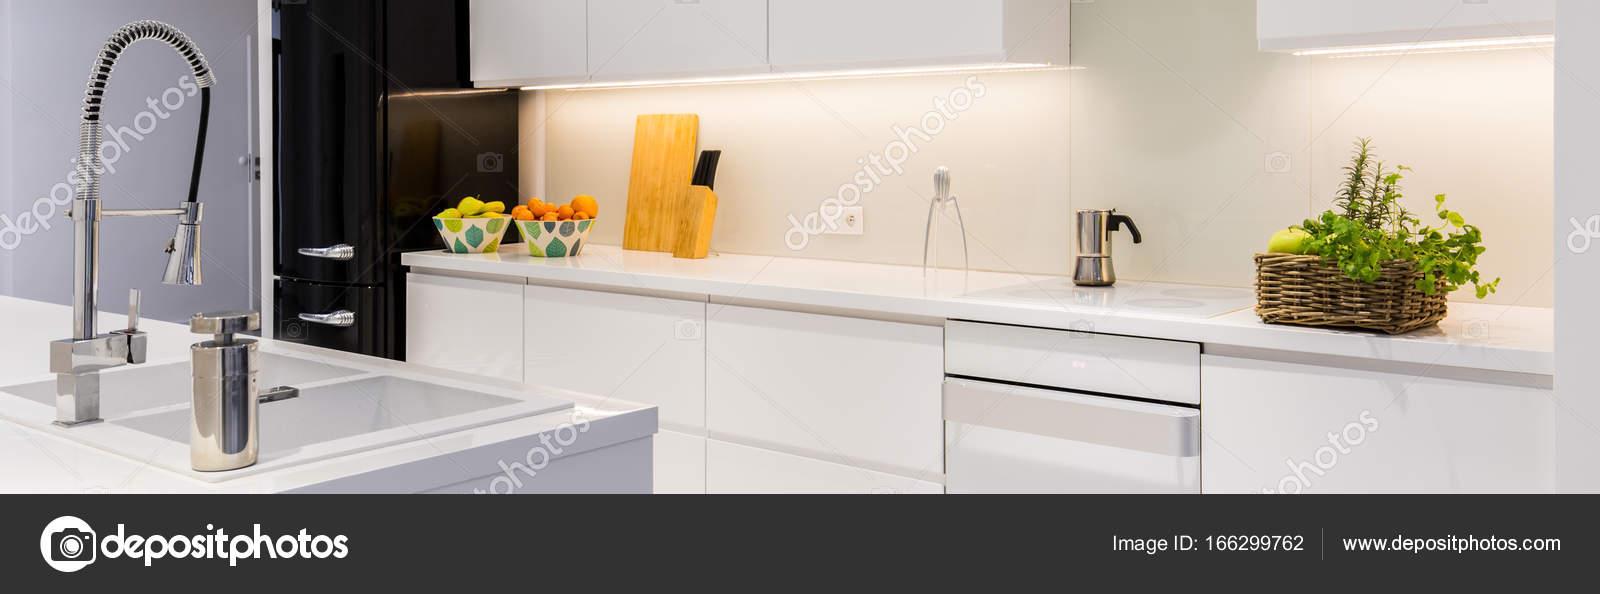 Cozinha Funcional Com Ilha Stock Photo Photographee Eu 166299762